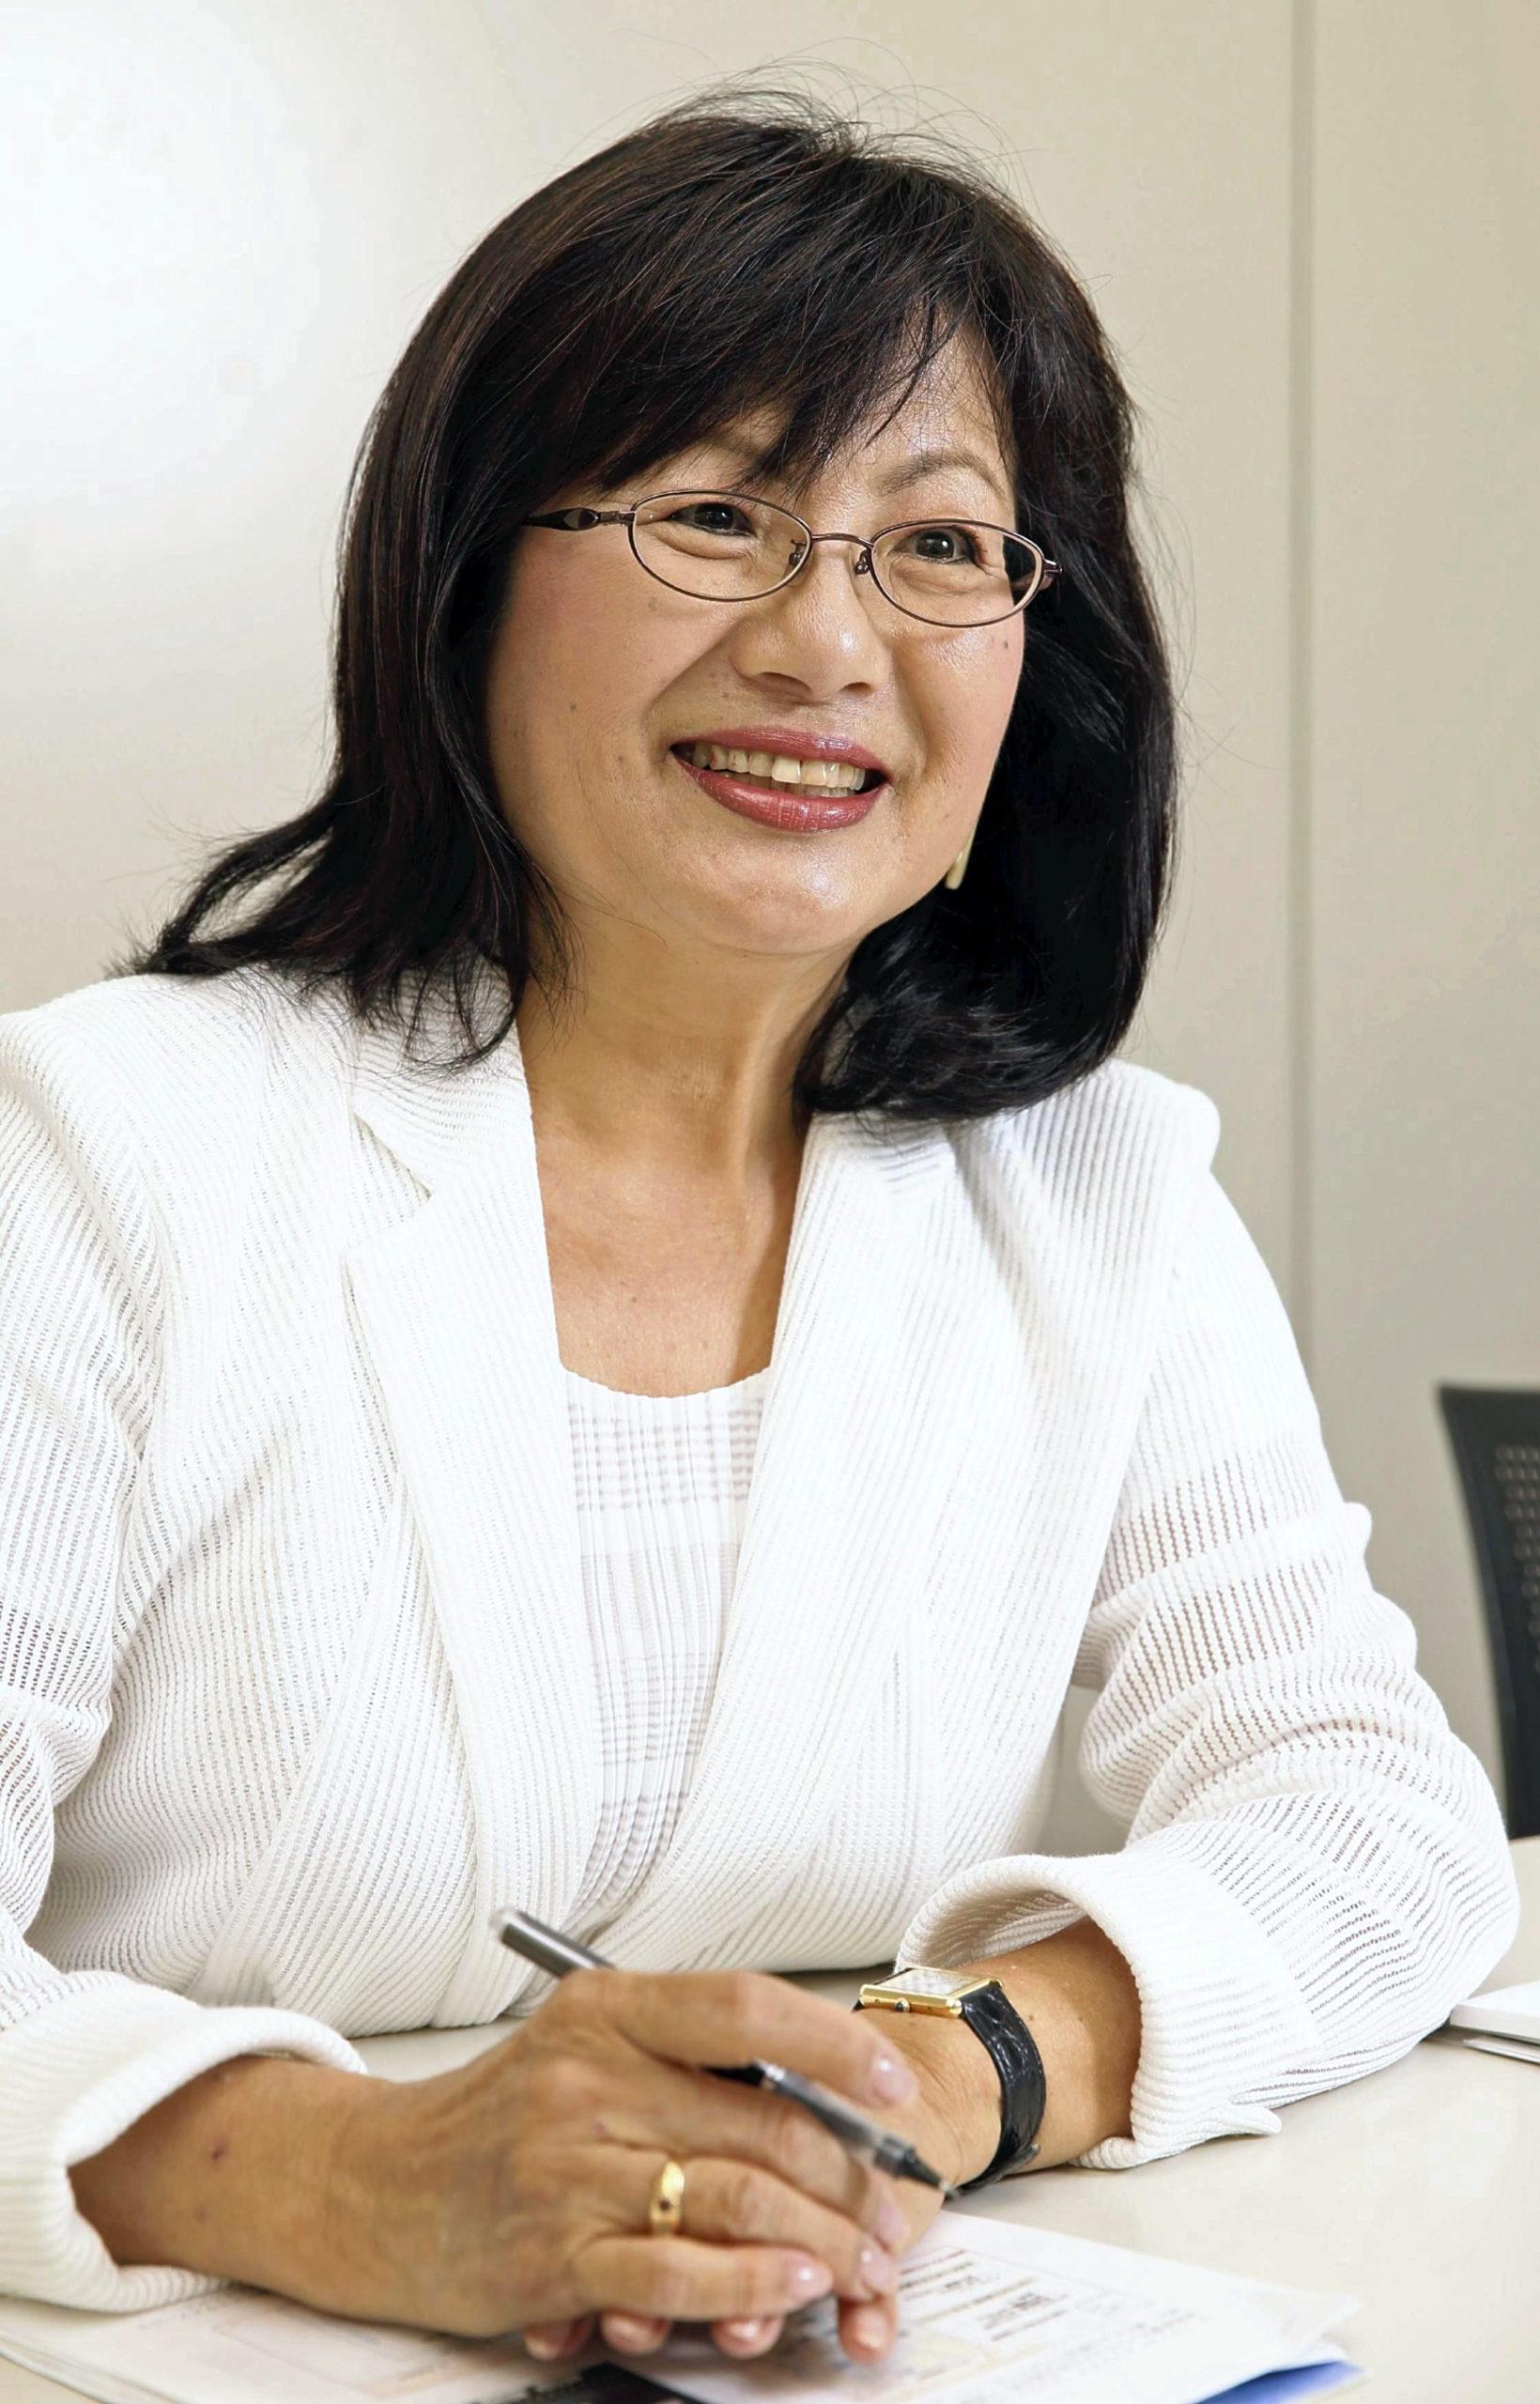 yumi fujii vincent